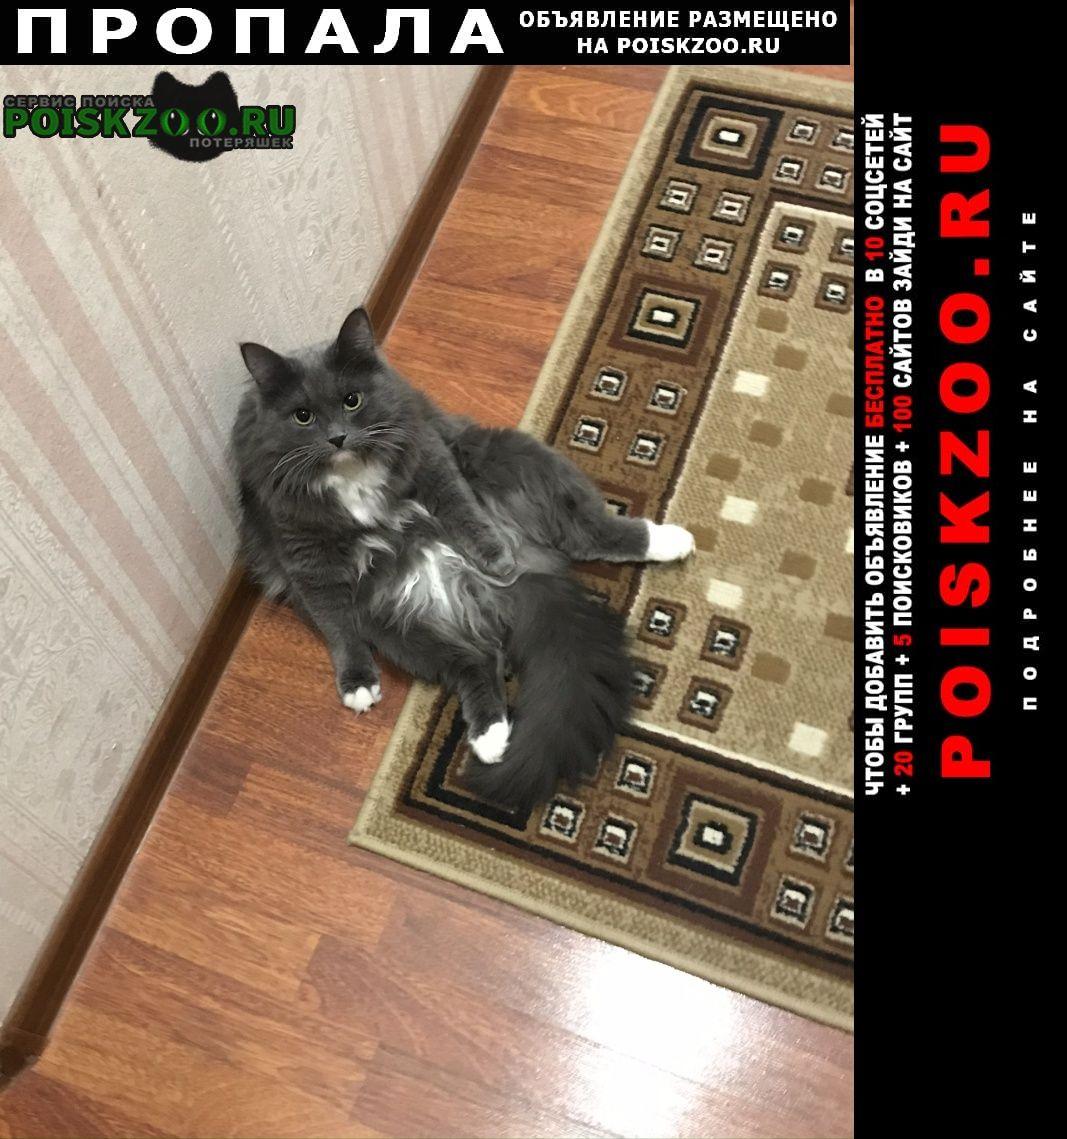 Пропала кошка предлагается вознаграждение Сходня